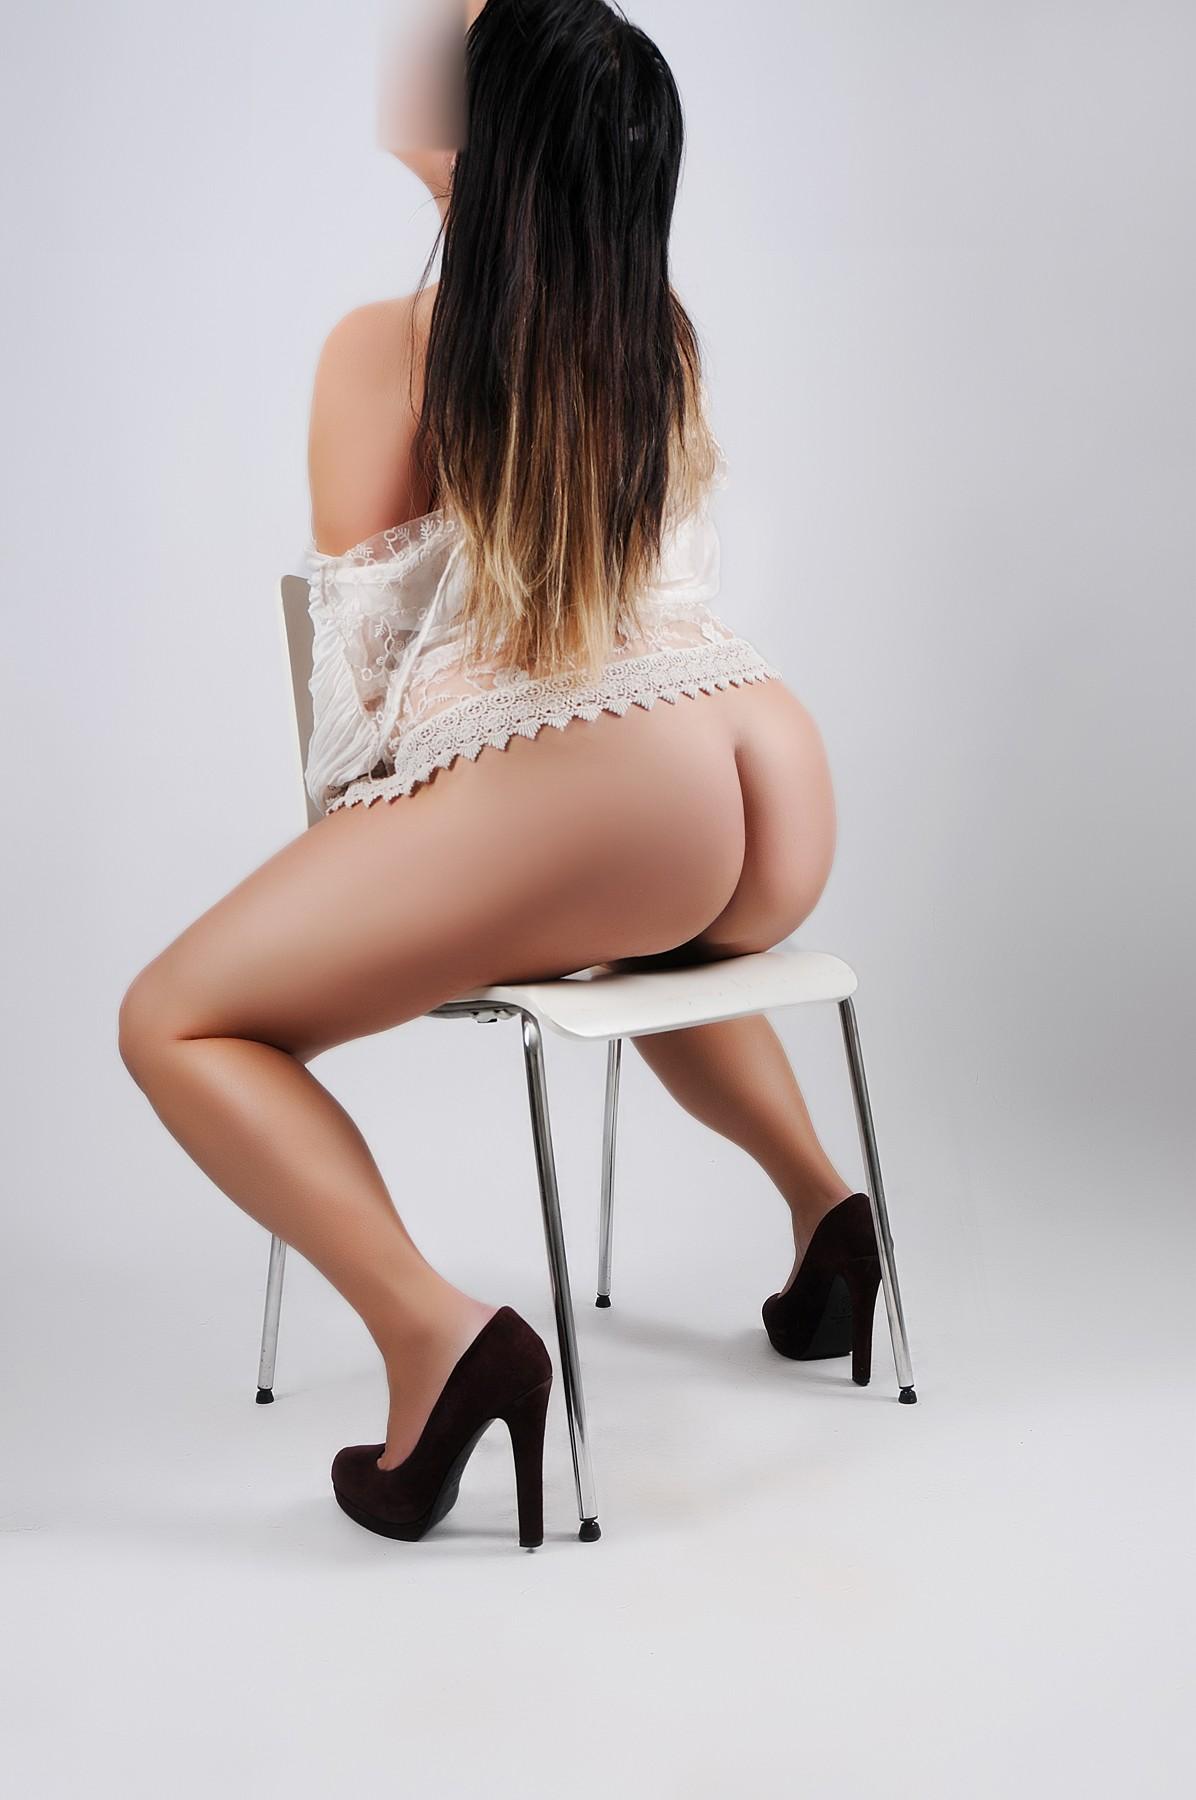 Laura_Fanta-49